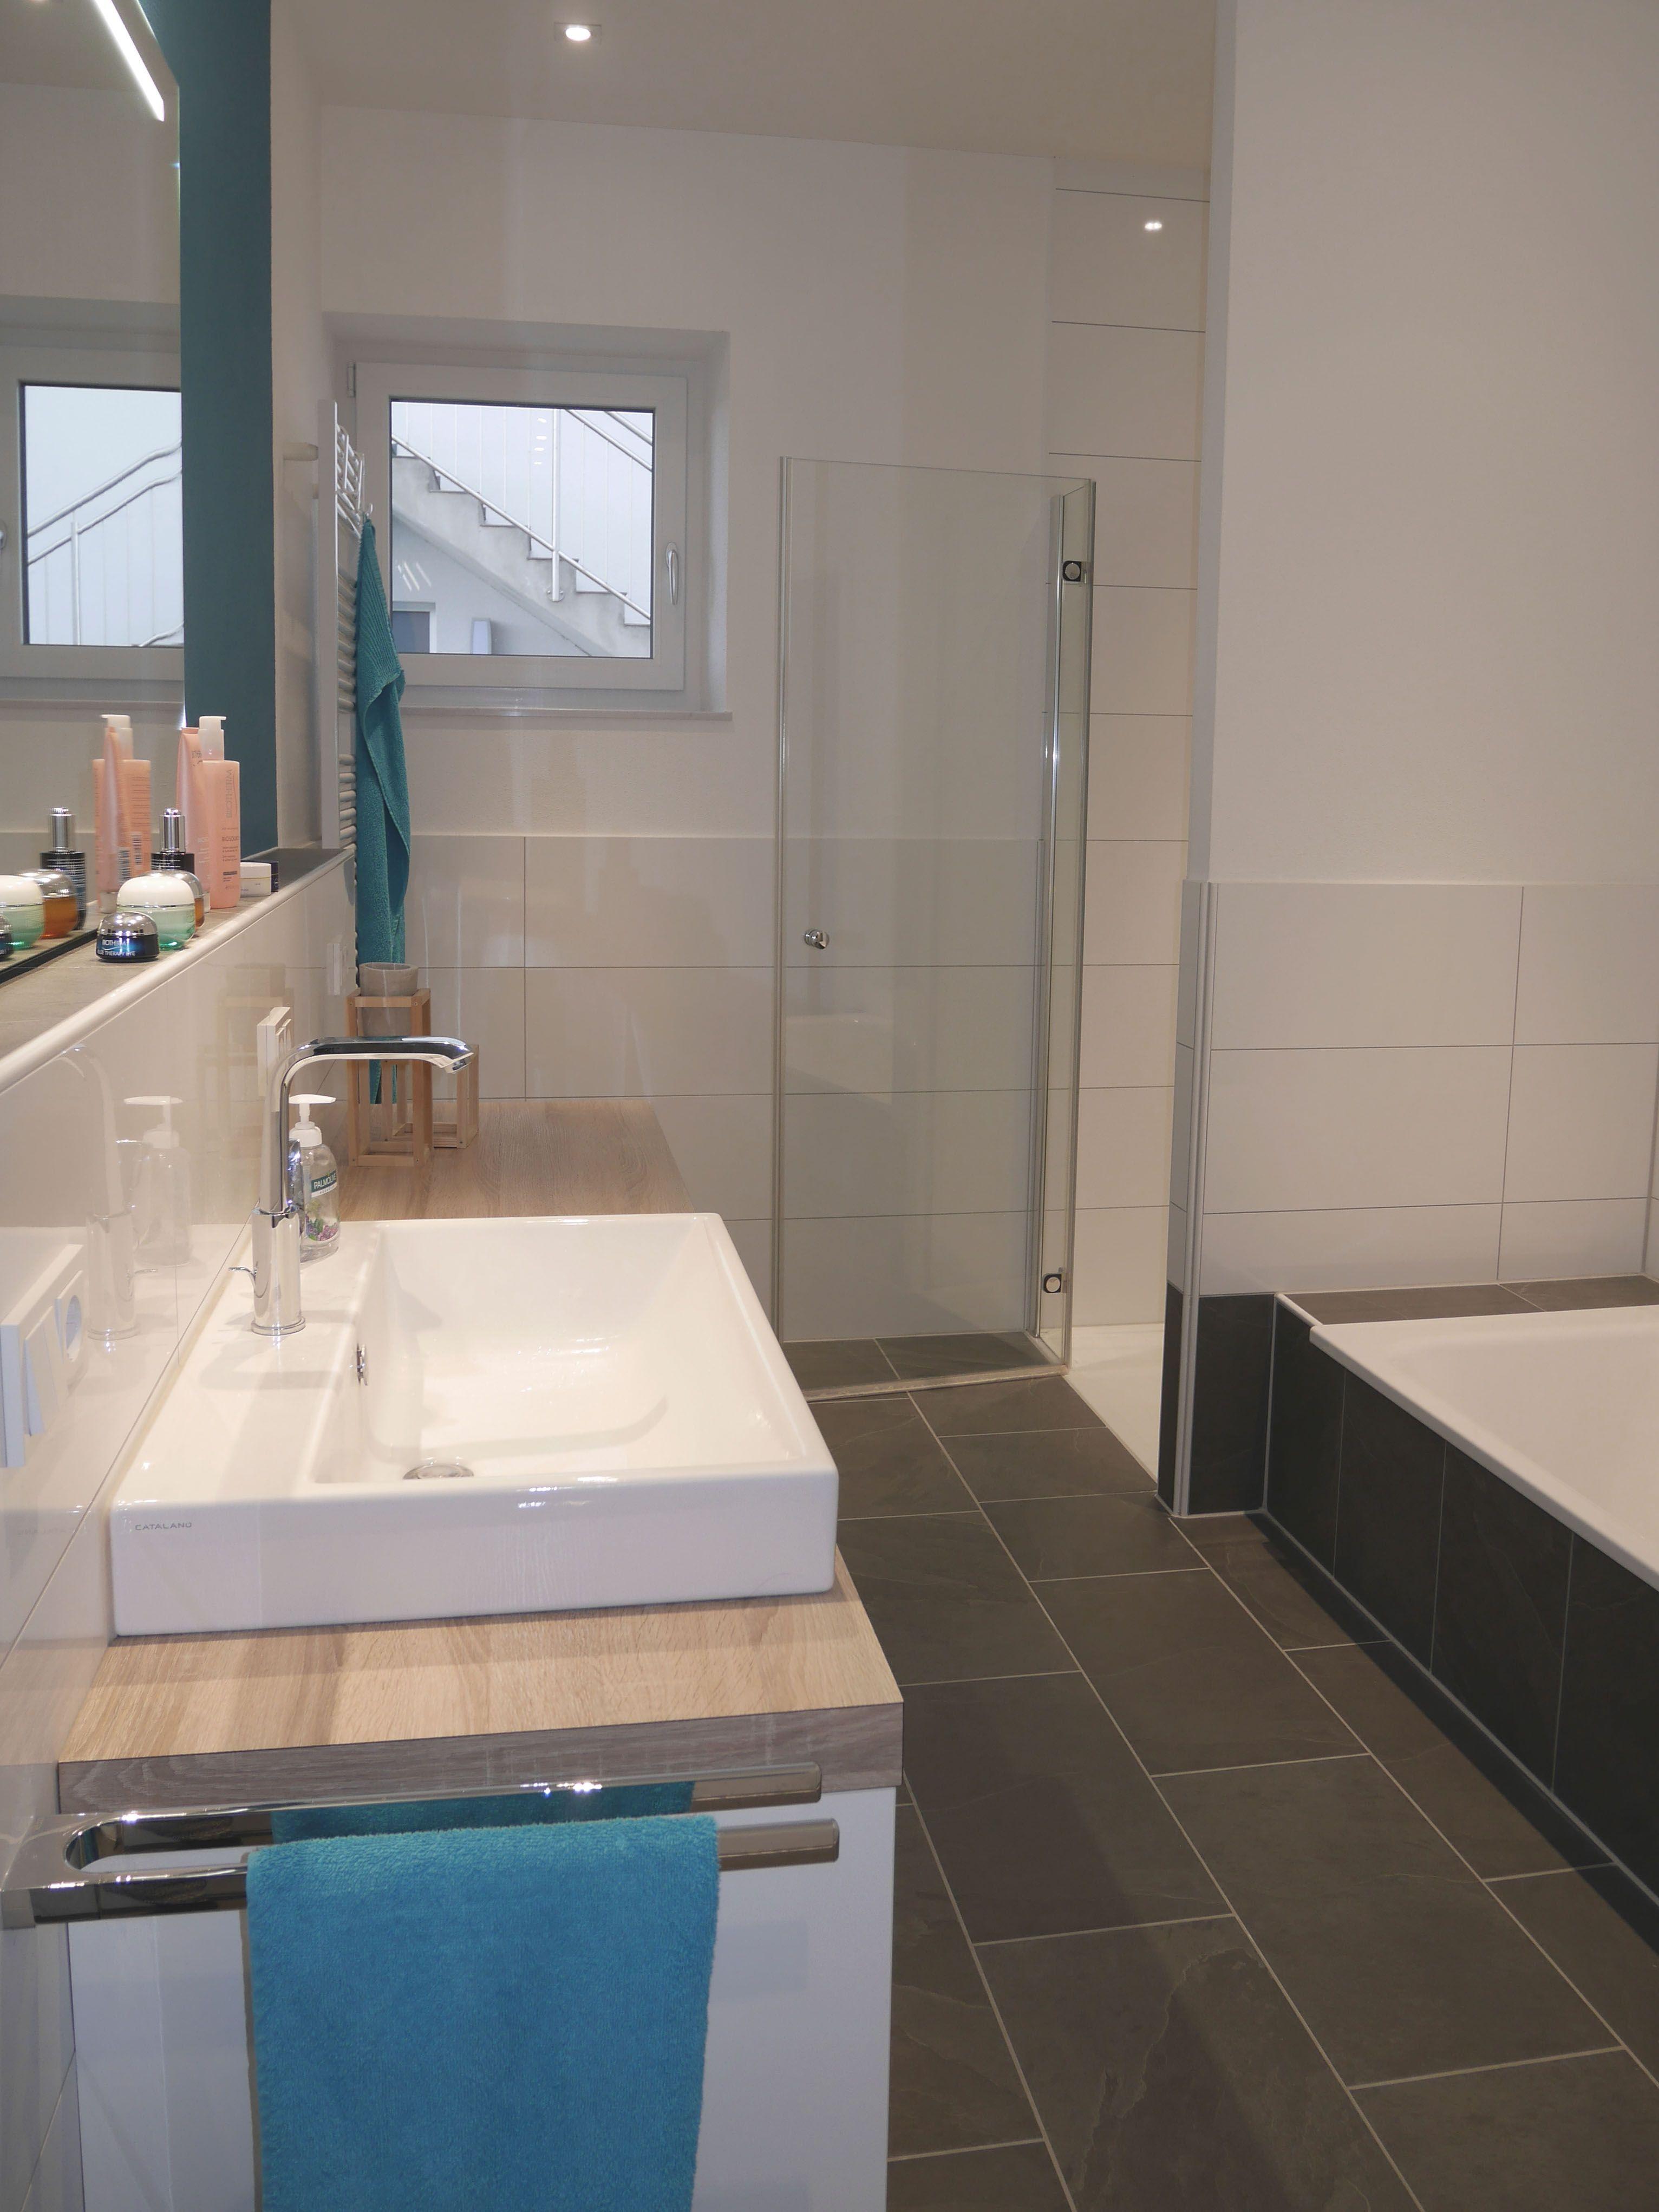 Inspirieren Lassen Auf Badezimmer Com Badezimmer Ablage Badezimmer Waschtisch Ablage